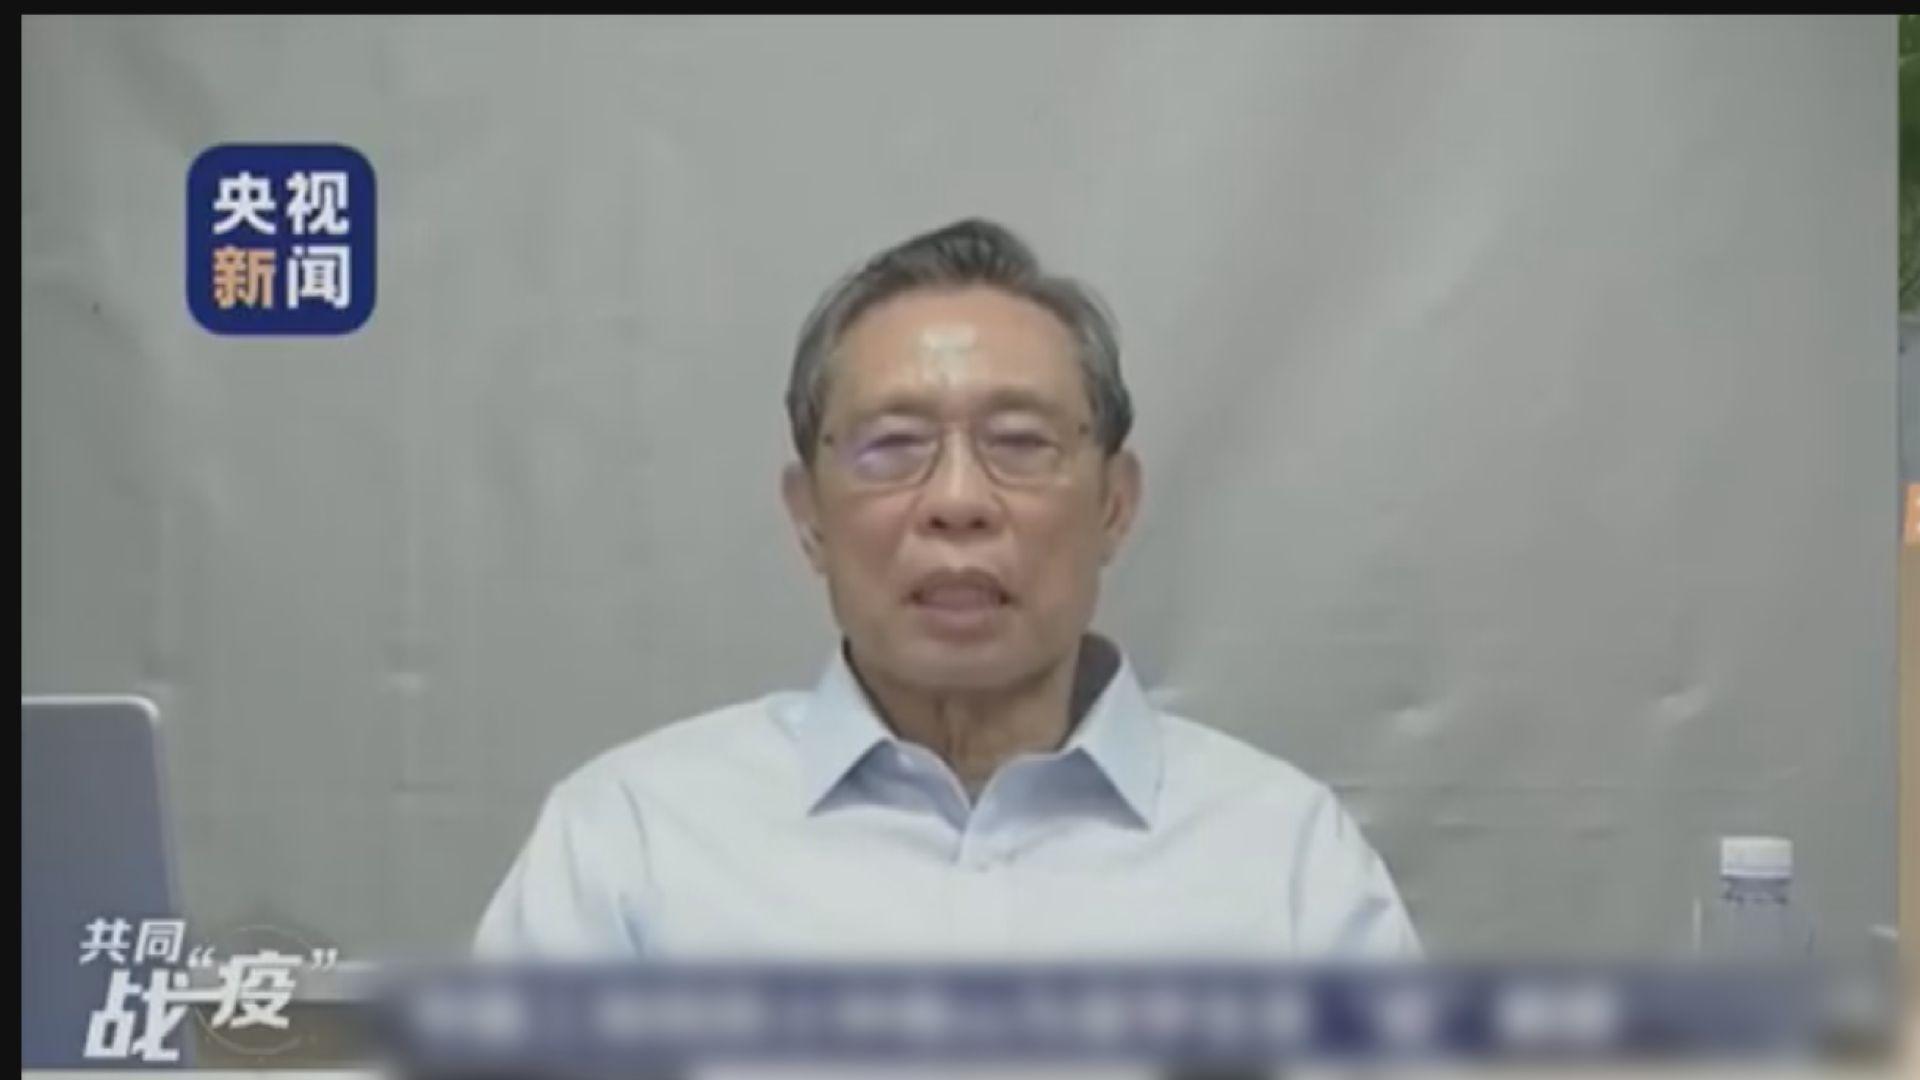 鍾南山:新冠肺炎病毒傳染力特高始料不及